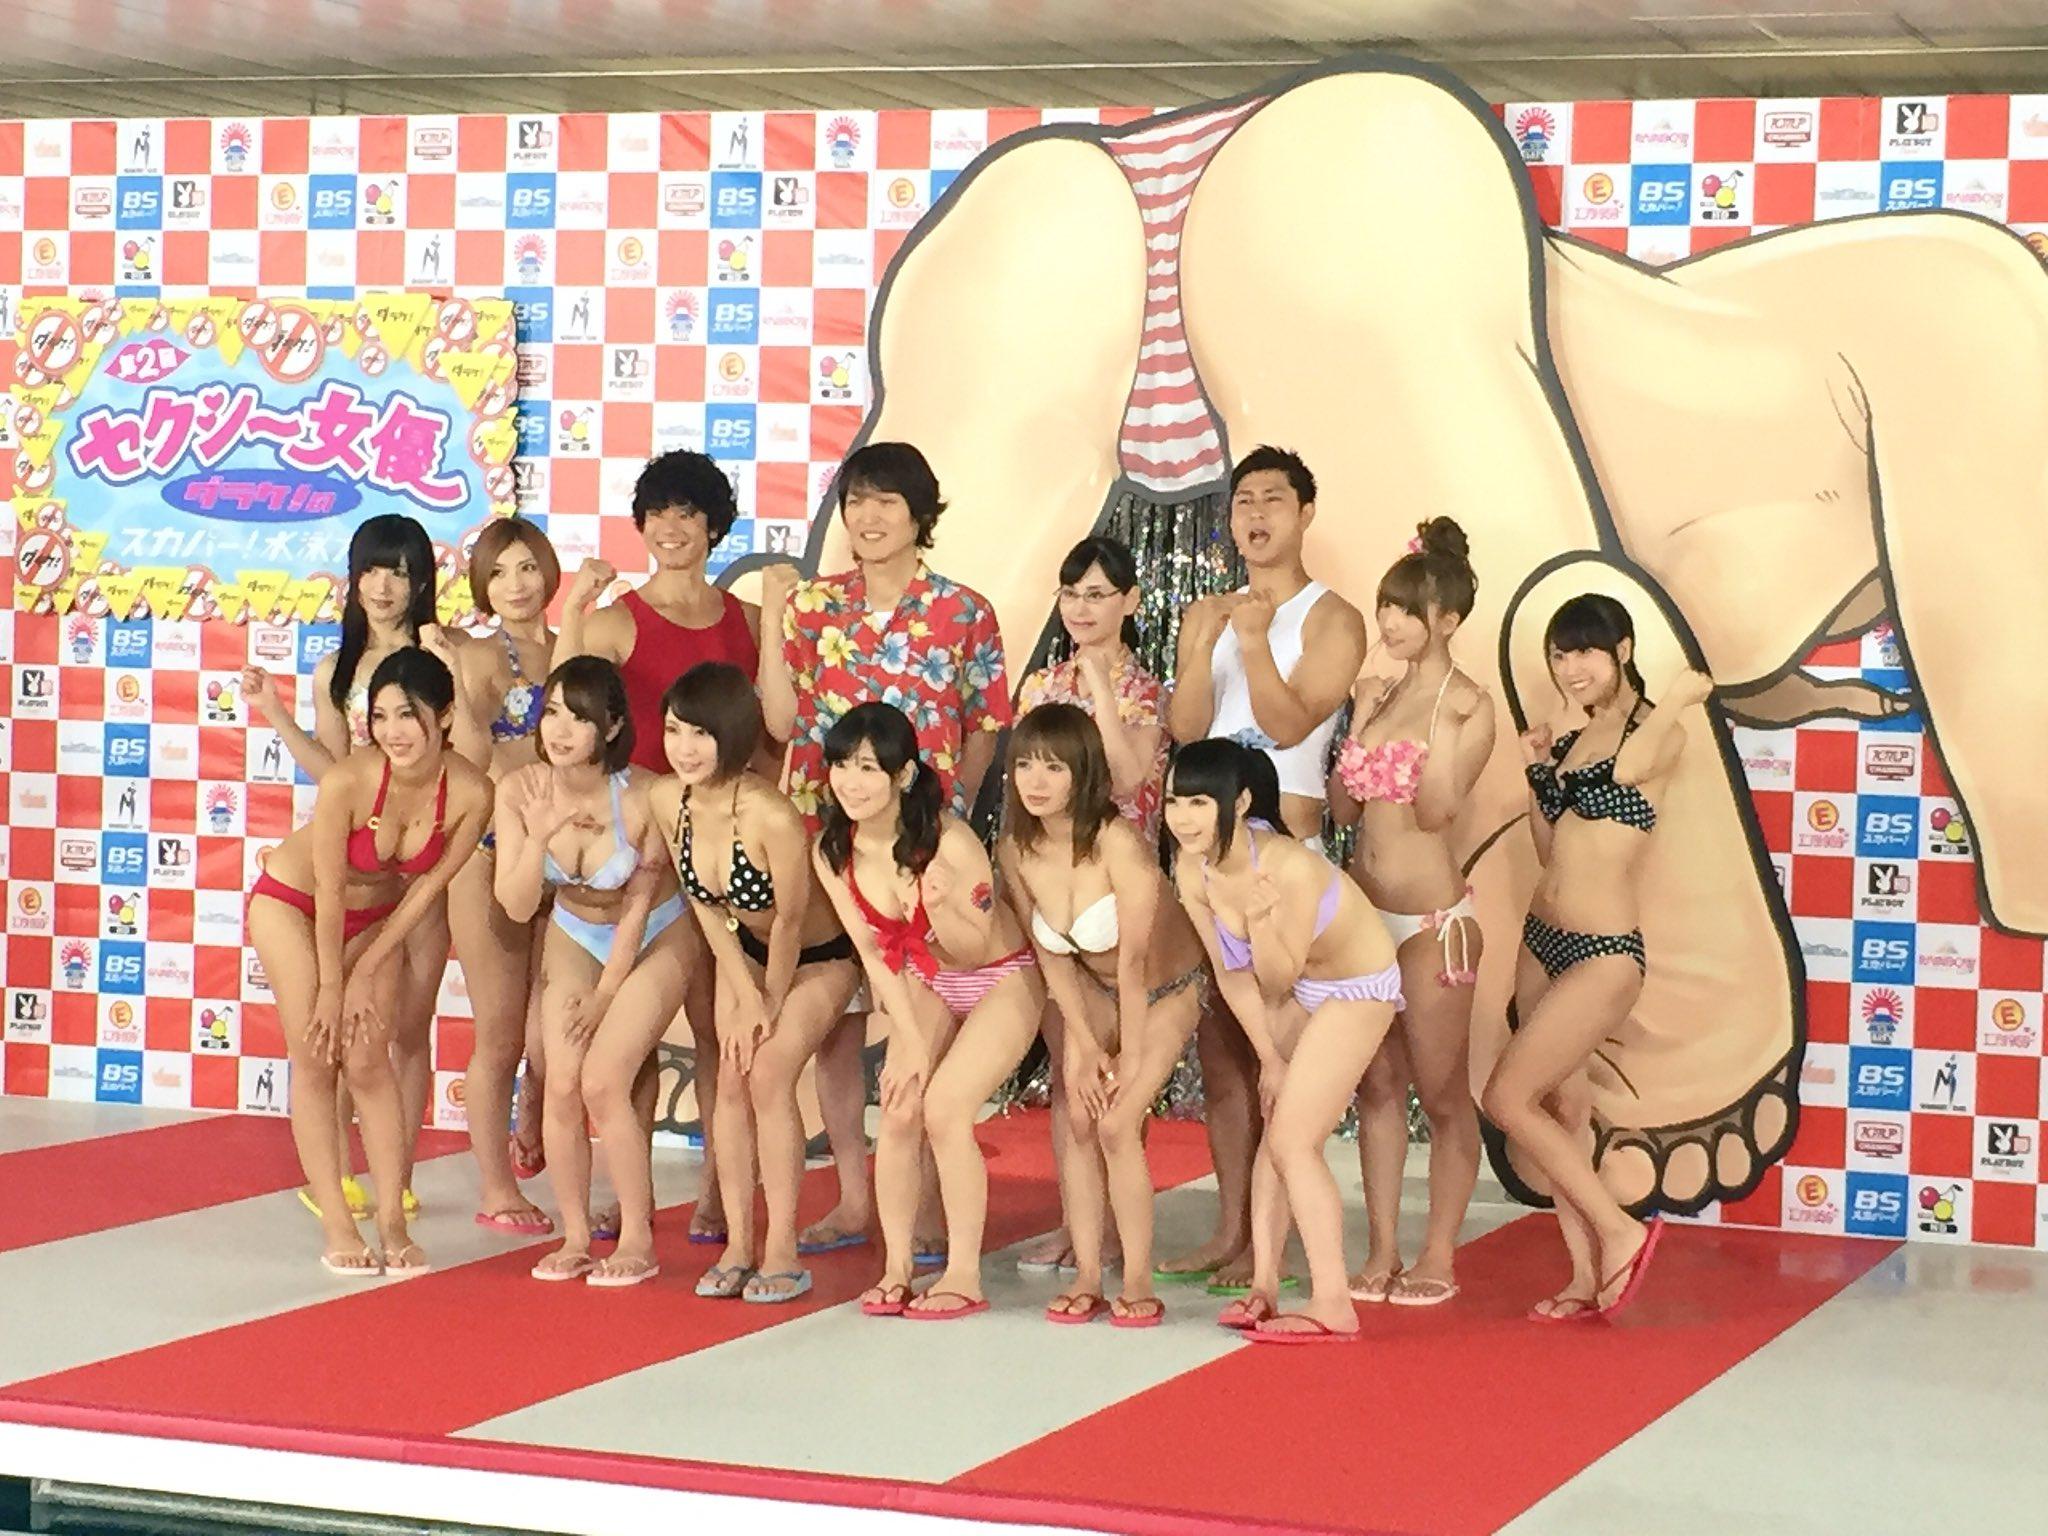 第二回セクシー女優ダラケ! のスカパー!水泳大会004